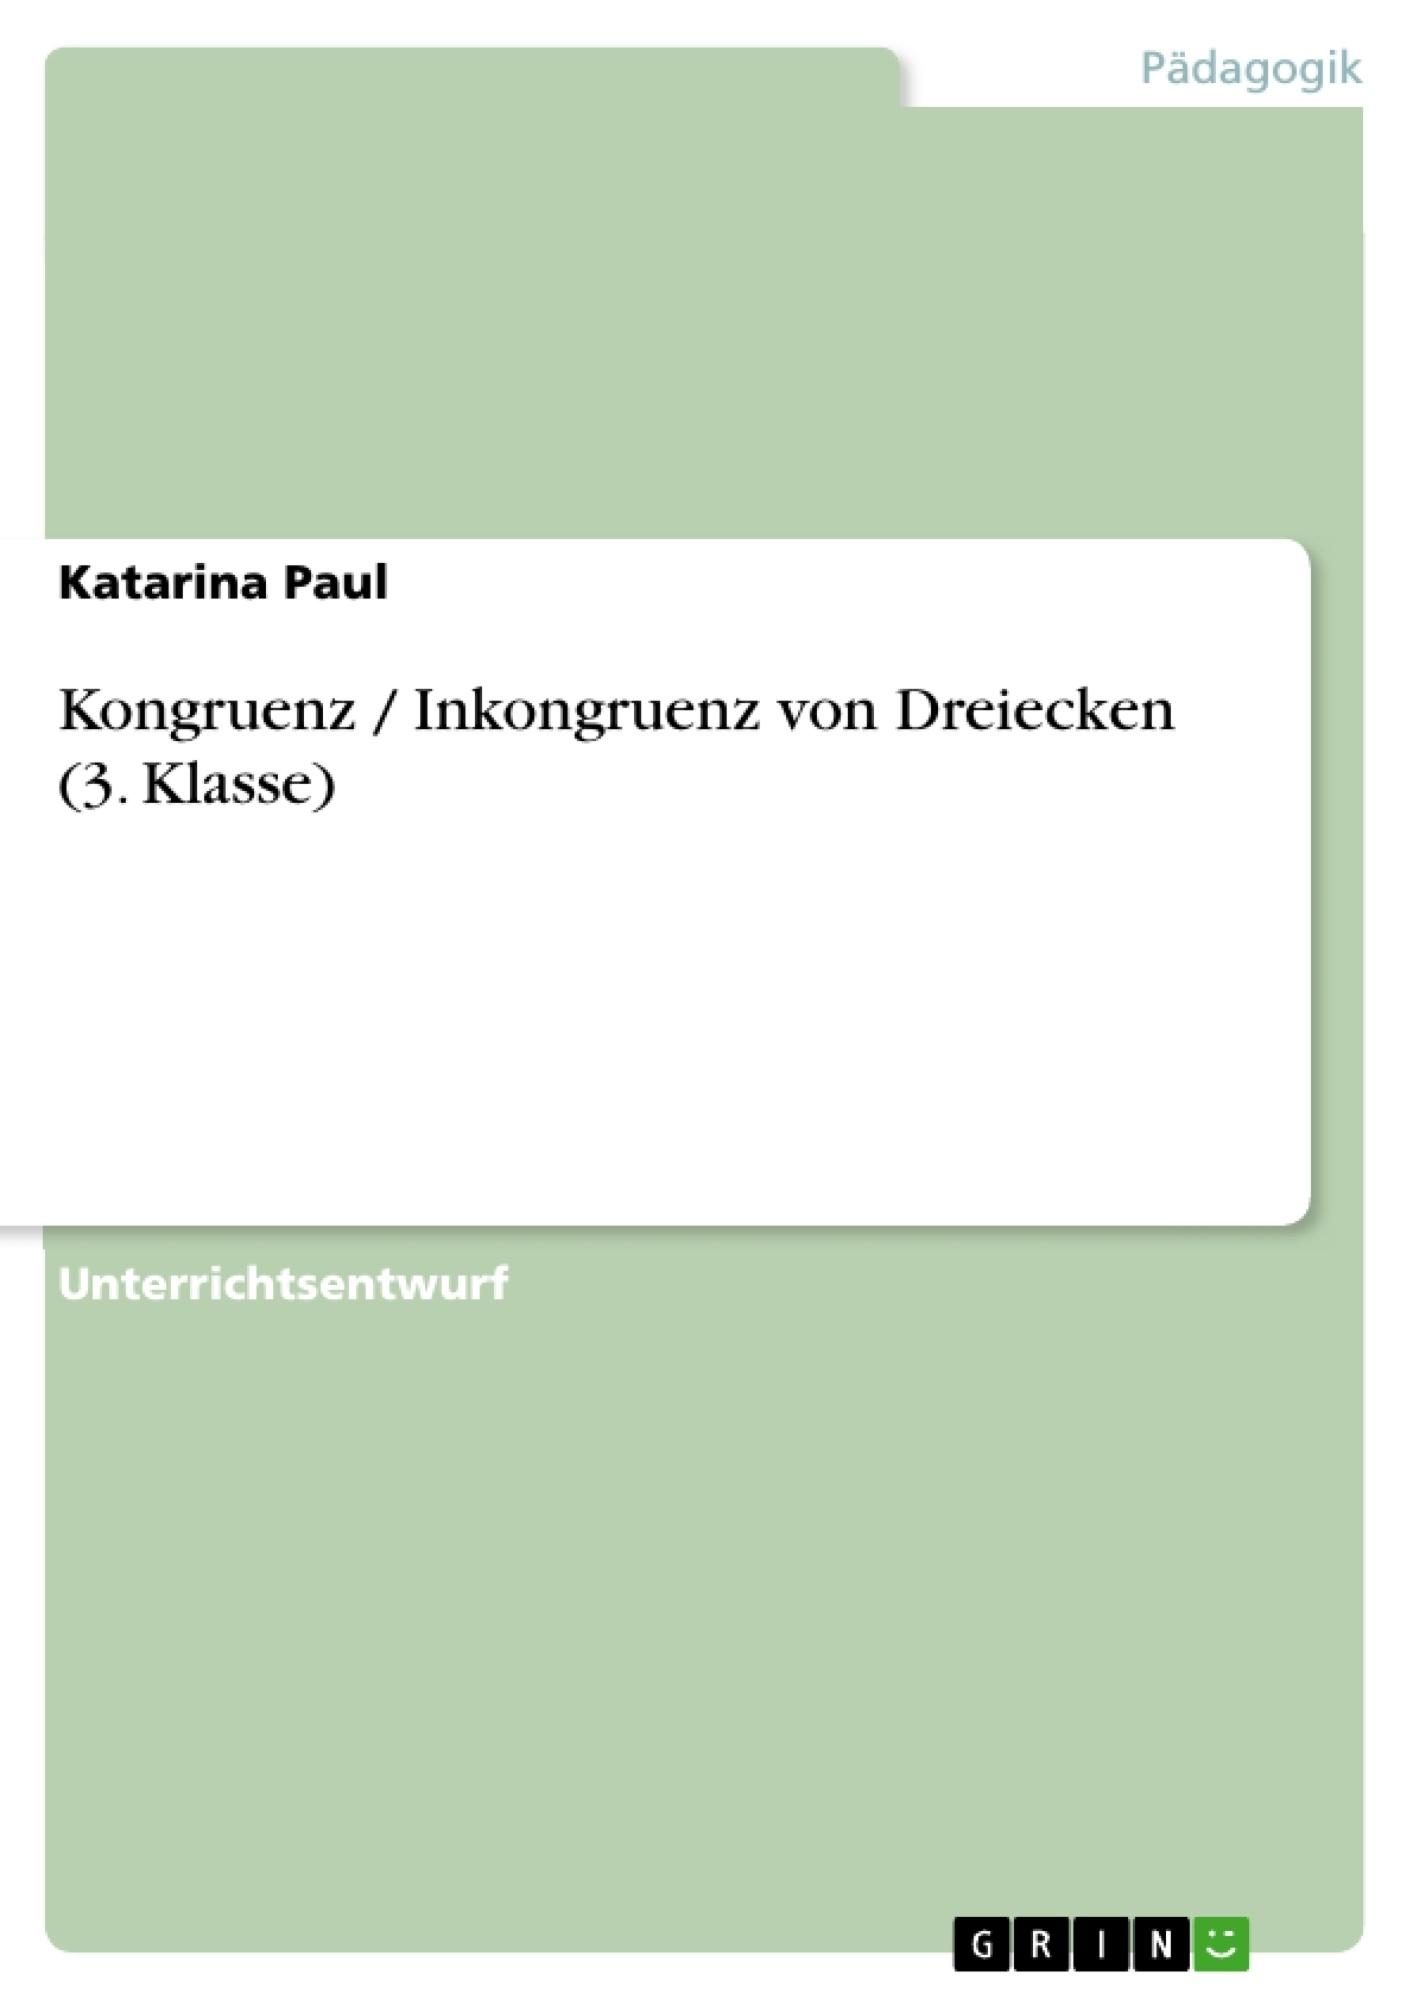 Unterrichtsstunde: Kongruenz / Inkongruenz von Dreiecken (3. Klasse ...